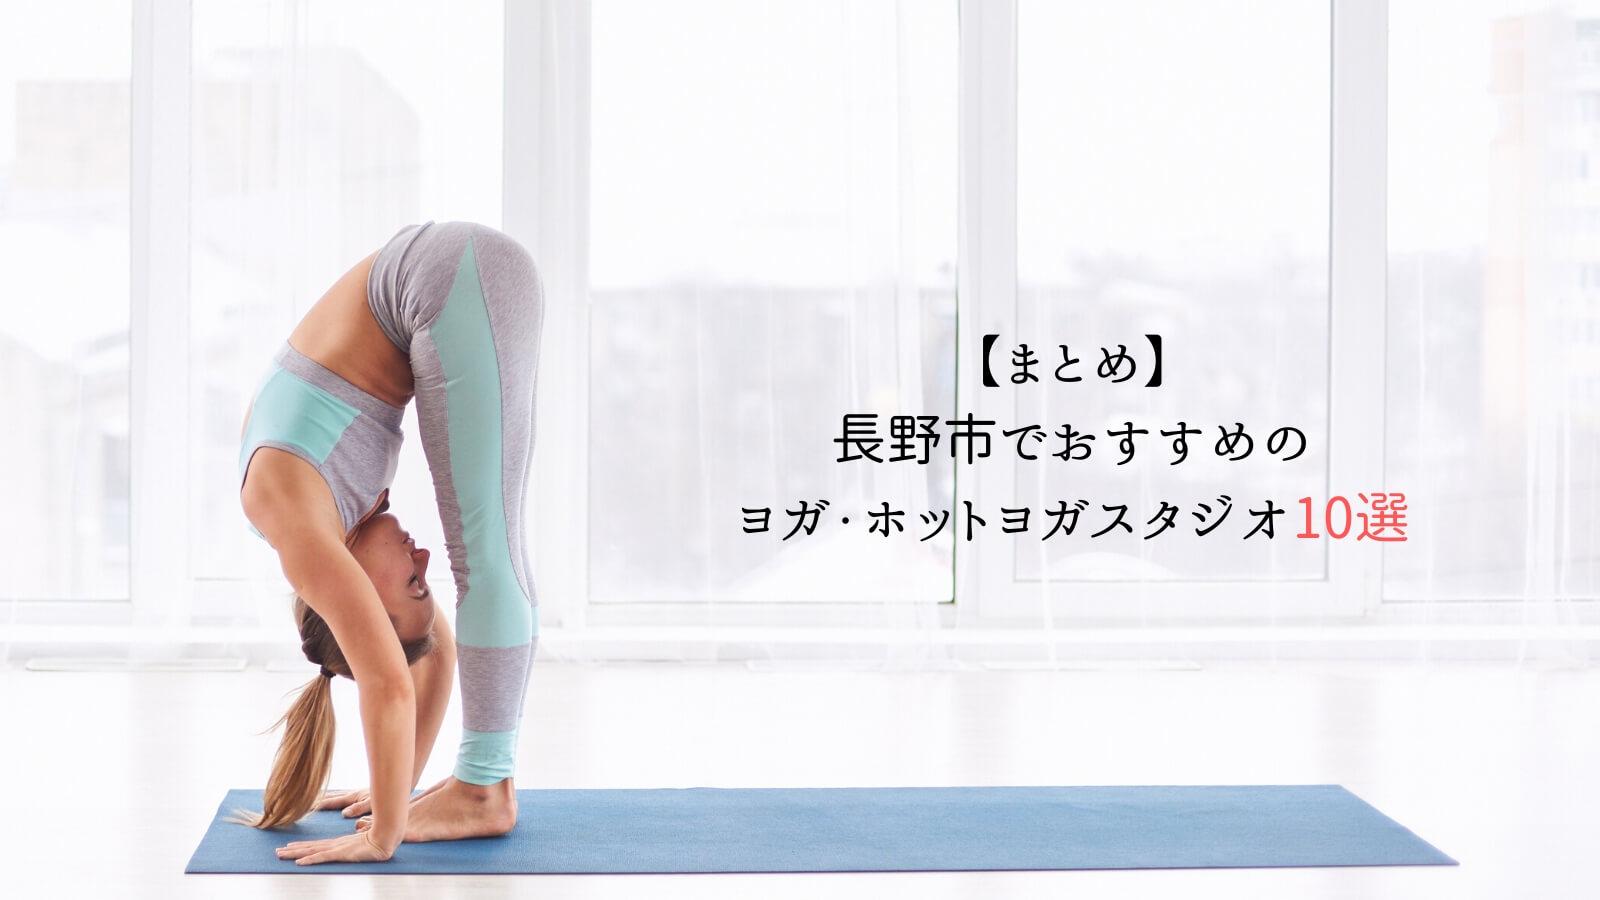 【まとめ】長野市でおすすめのヨガ・ホットヨガスタジオ10選